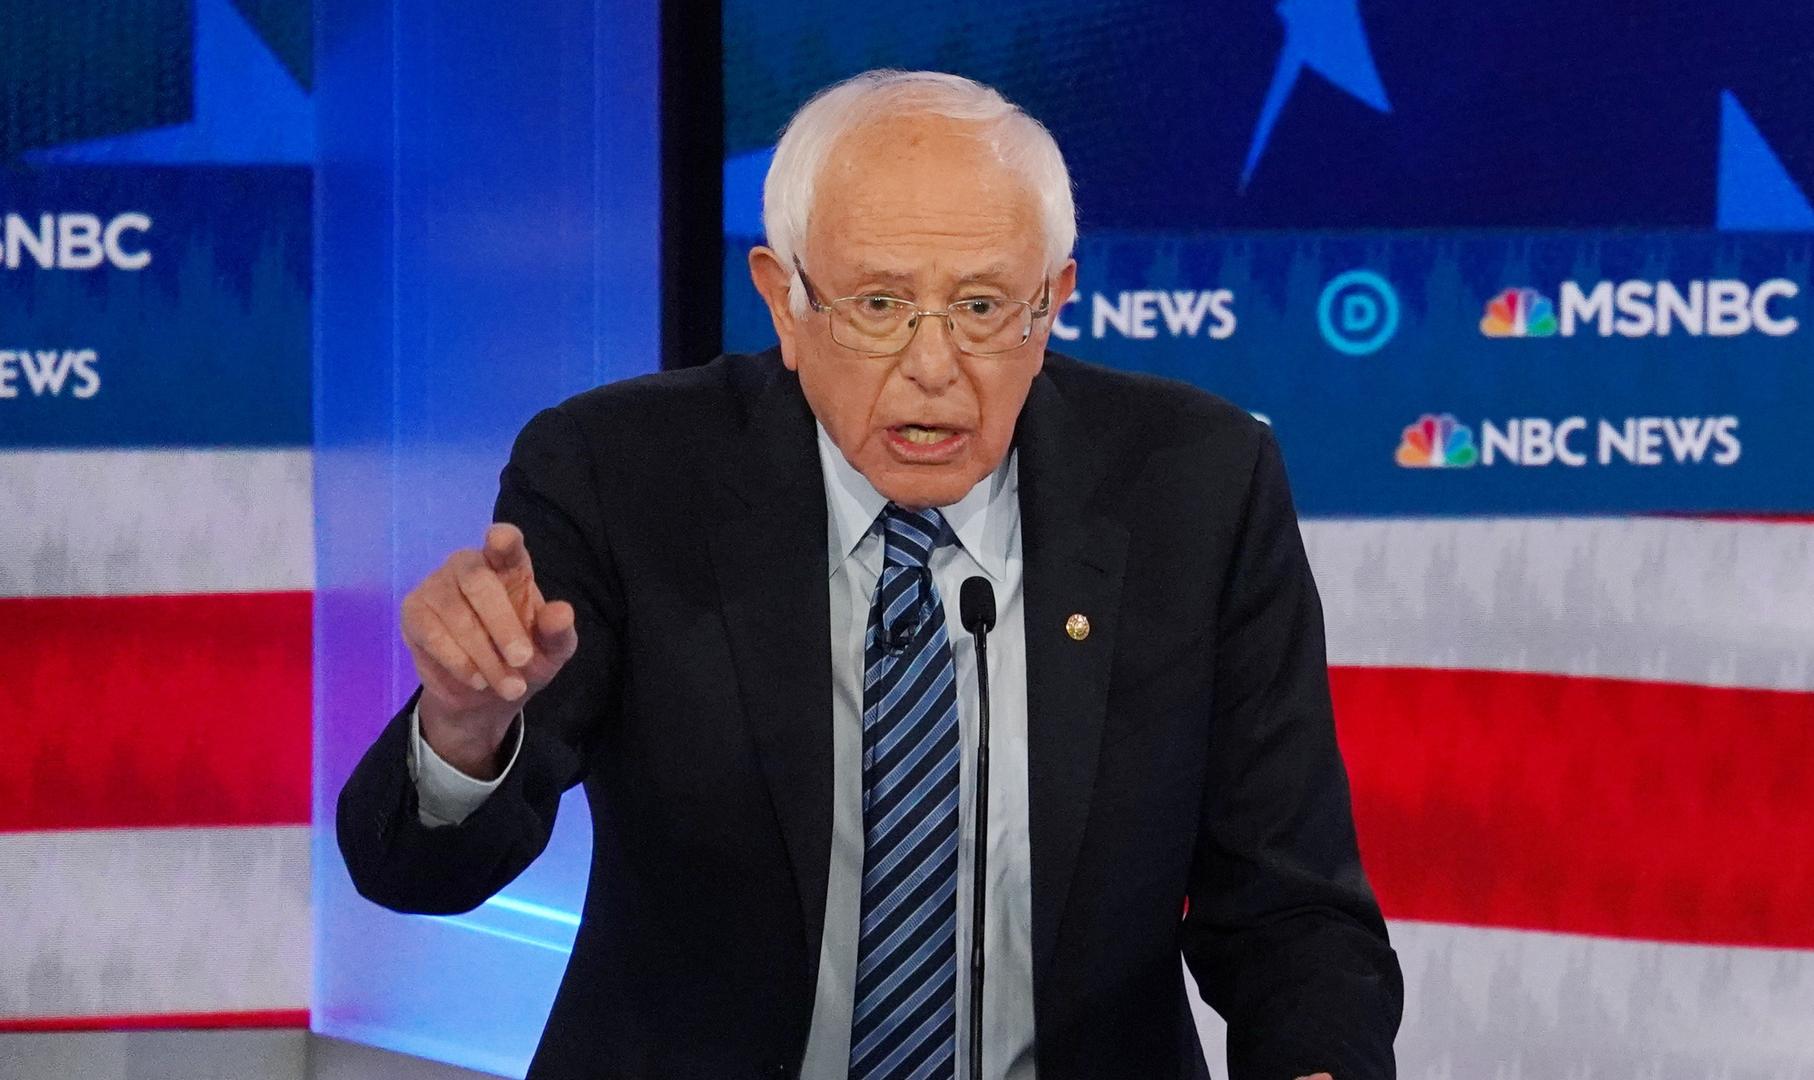 ساندرز ينوي مراجعةقرار نقل السفارة الأمريكيةإلى القدس إذا انتخب رئيسا